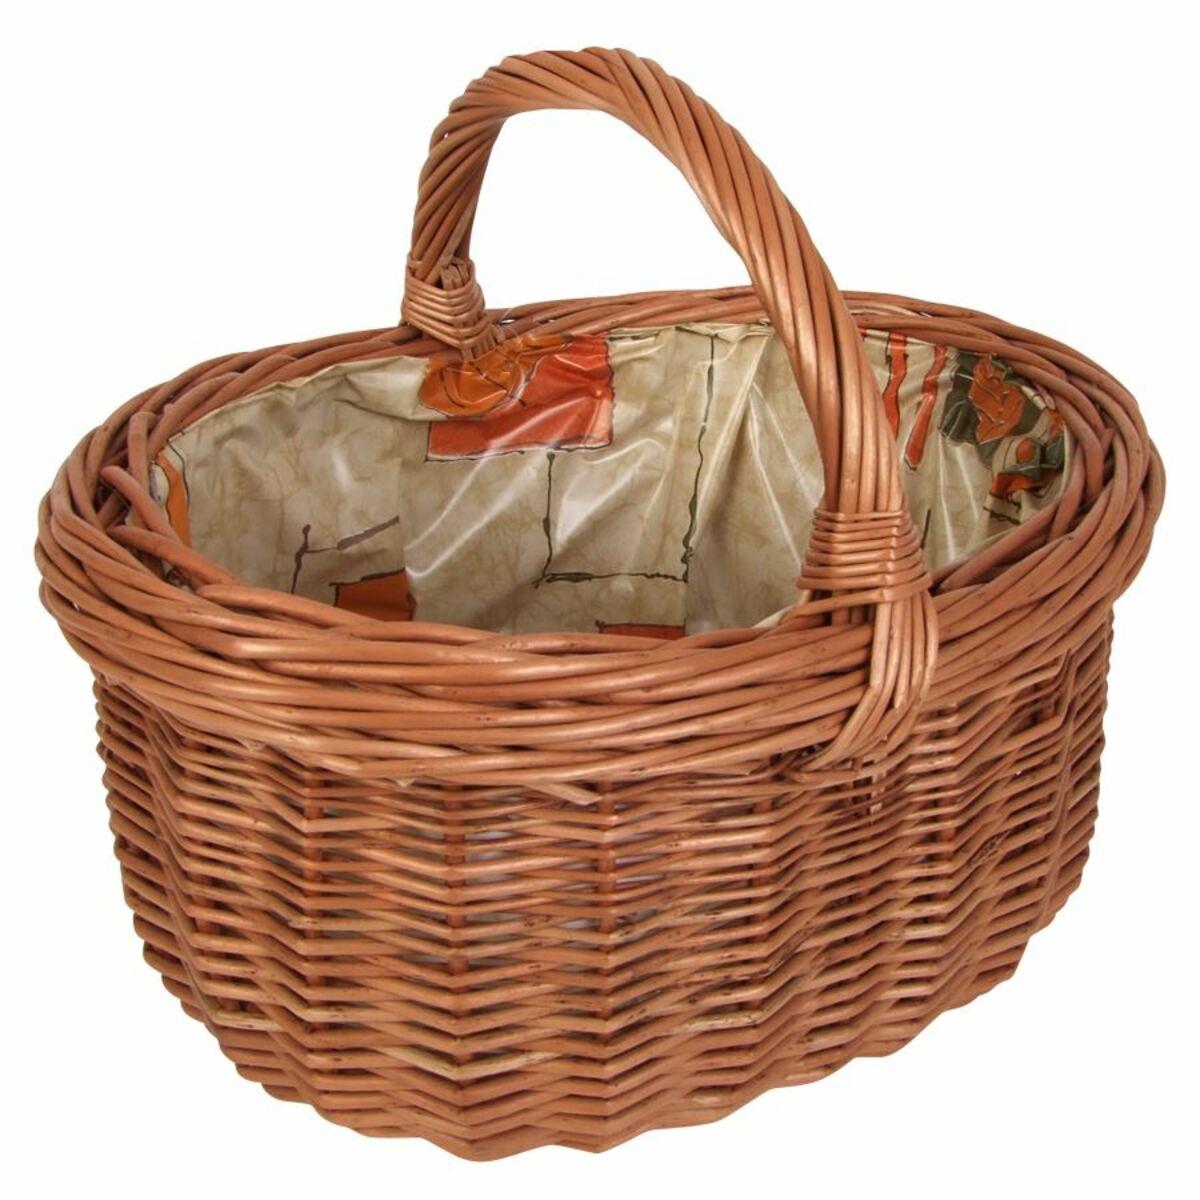 Bild 3 von Weiden-Einkaufskorb mit Innenfolie